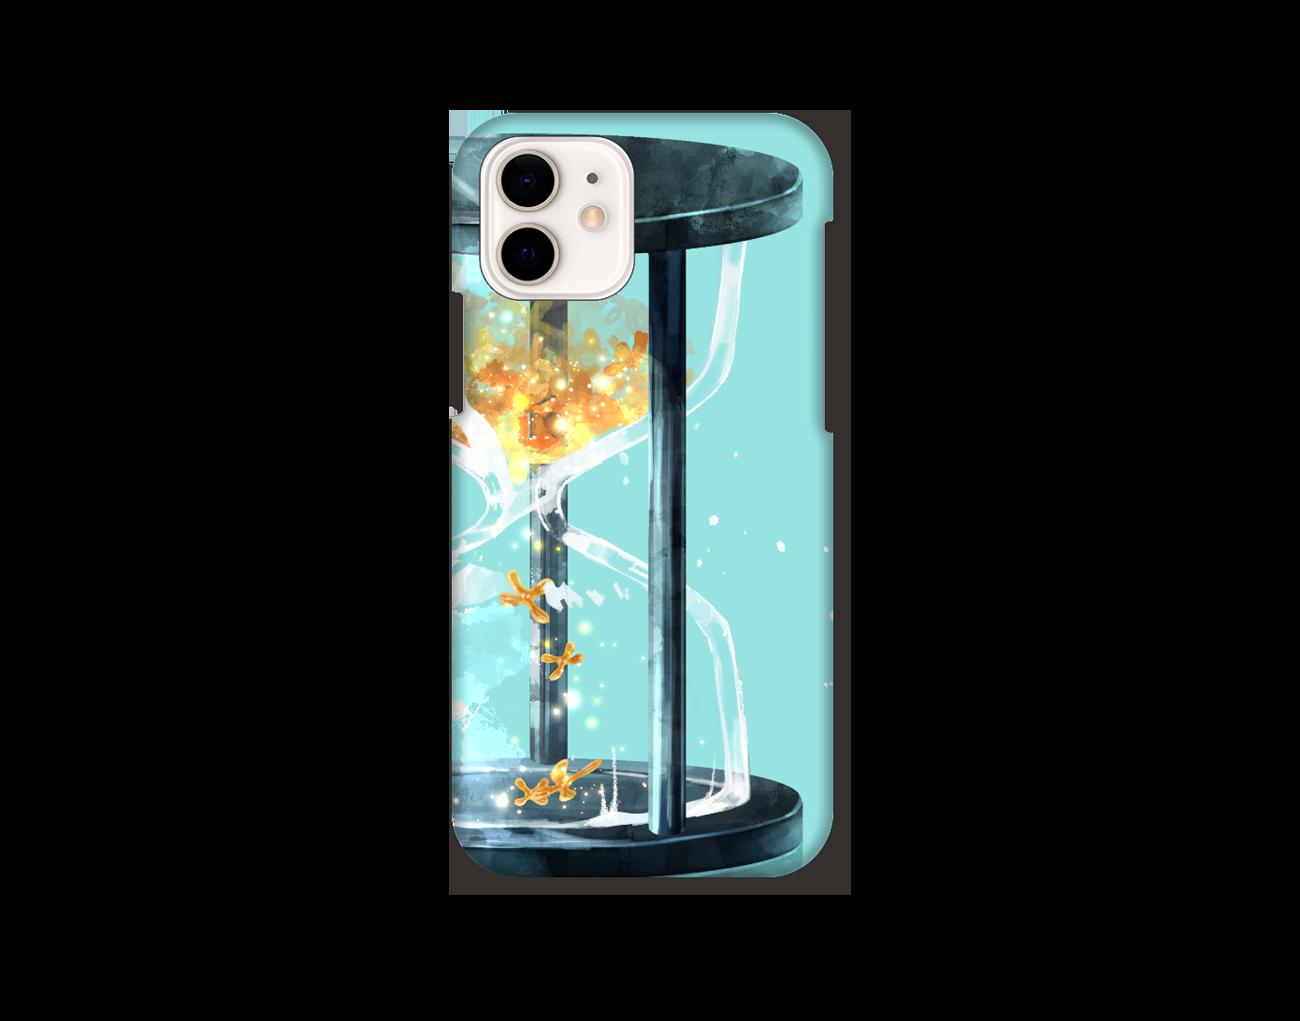 【オリラボマーケット限定】秋、金木犀、砂時計 スマホケース iPhone12 / 12 Pro